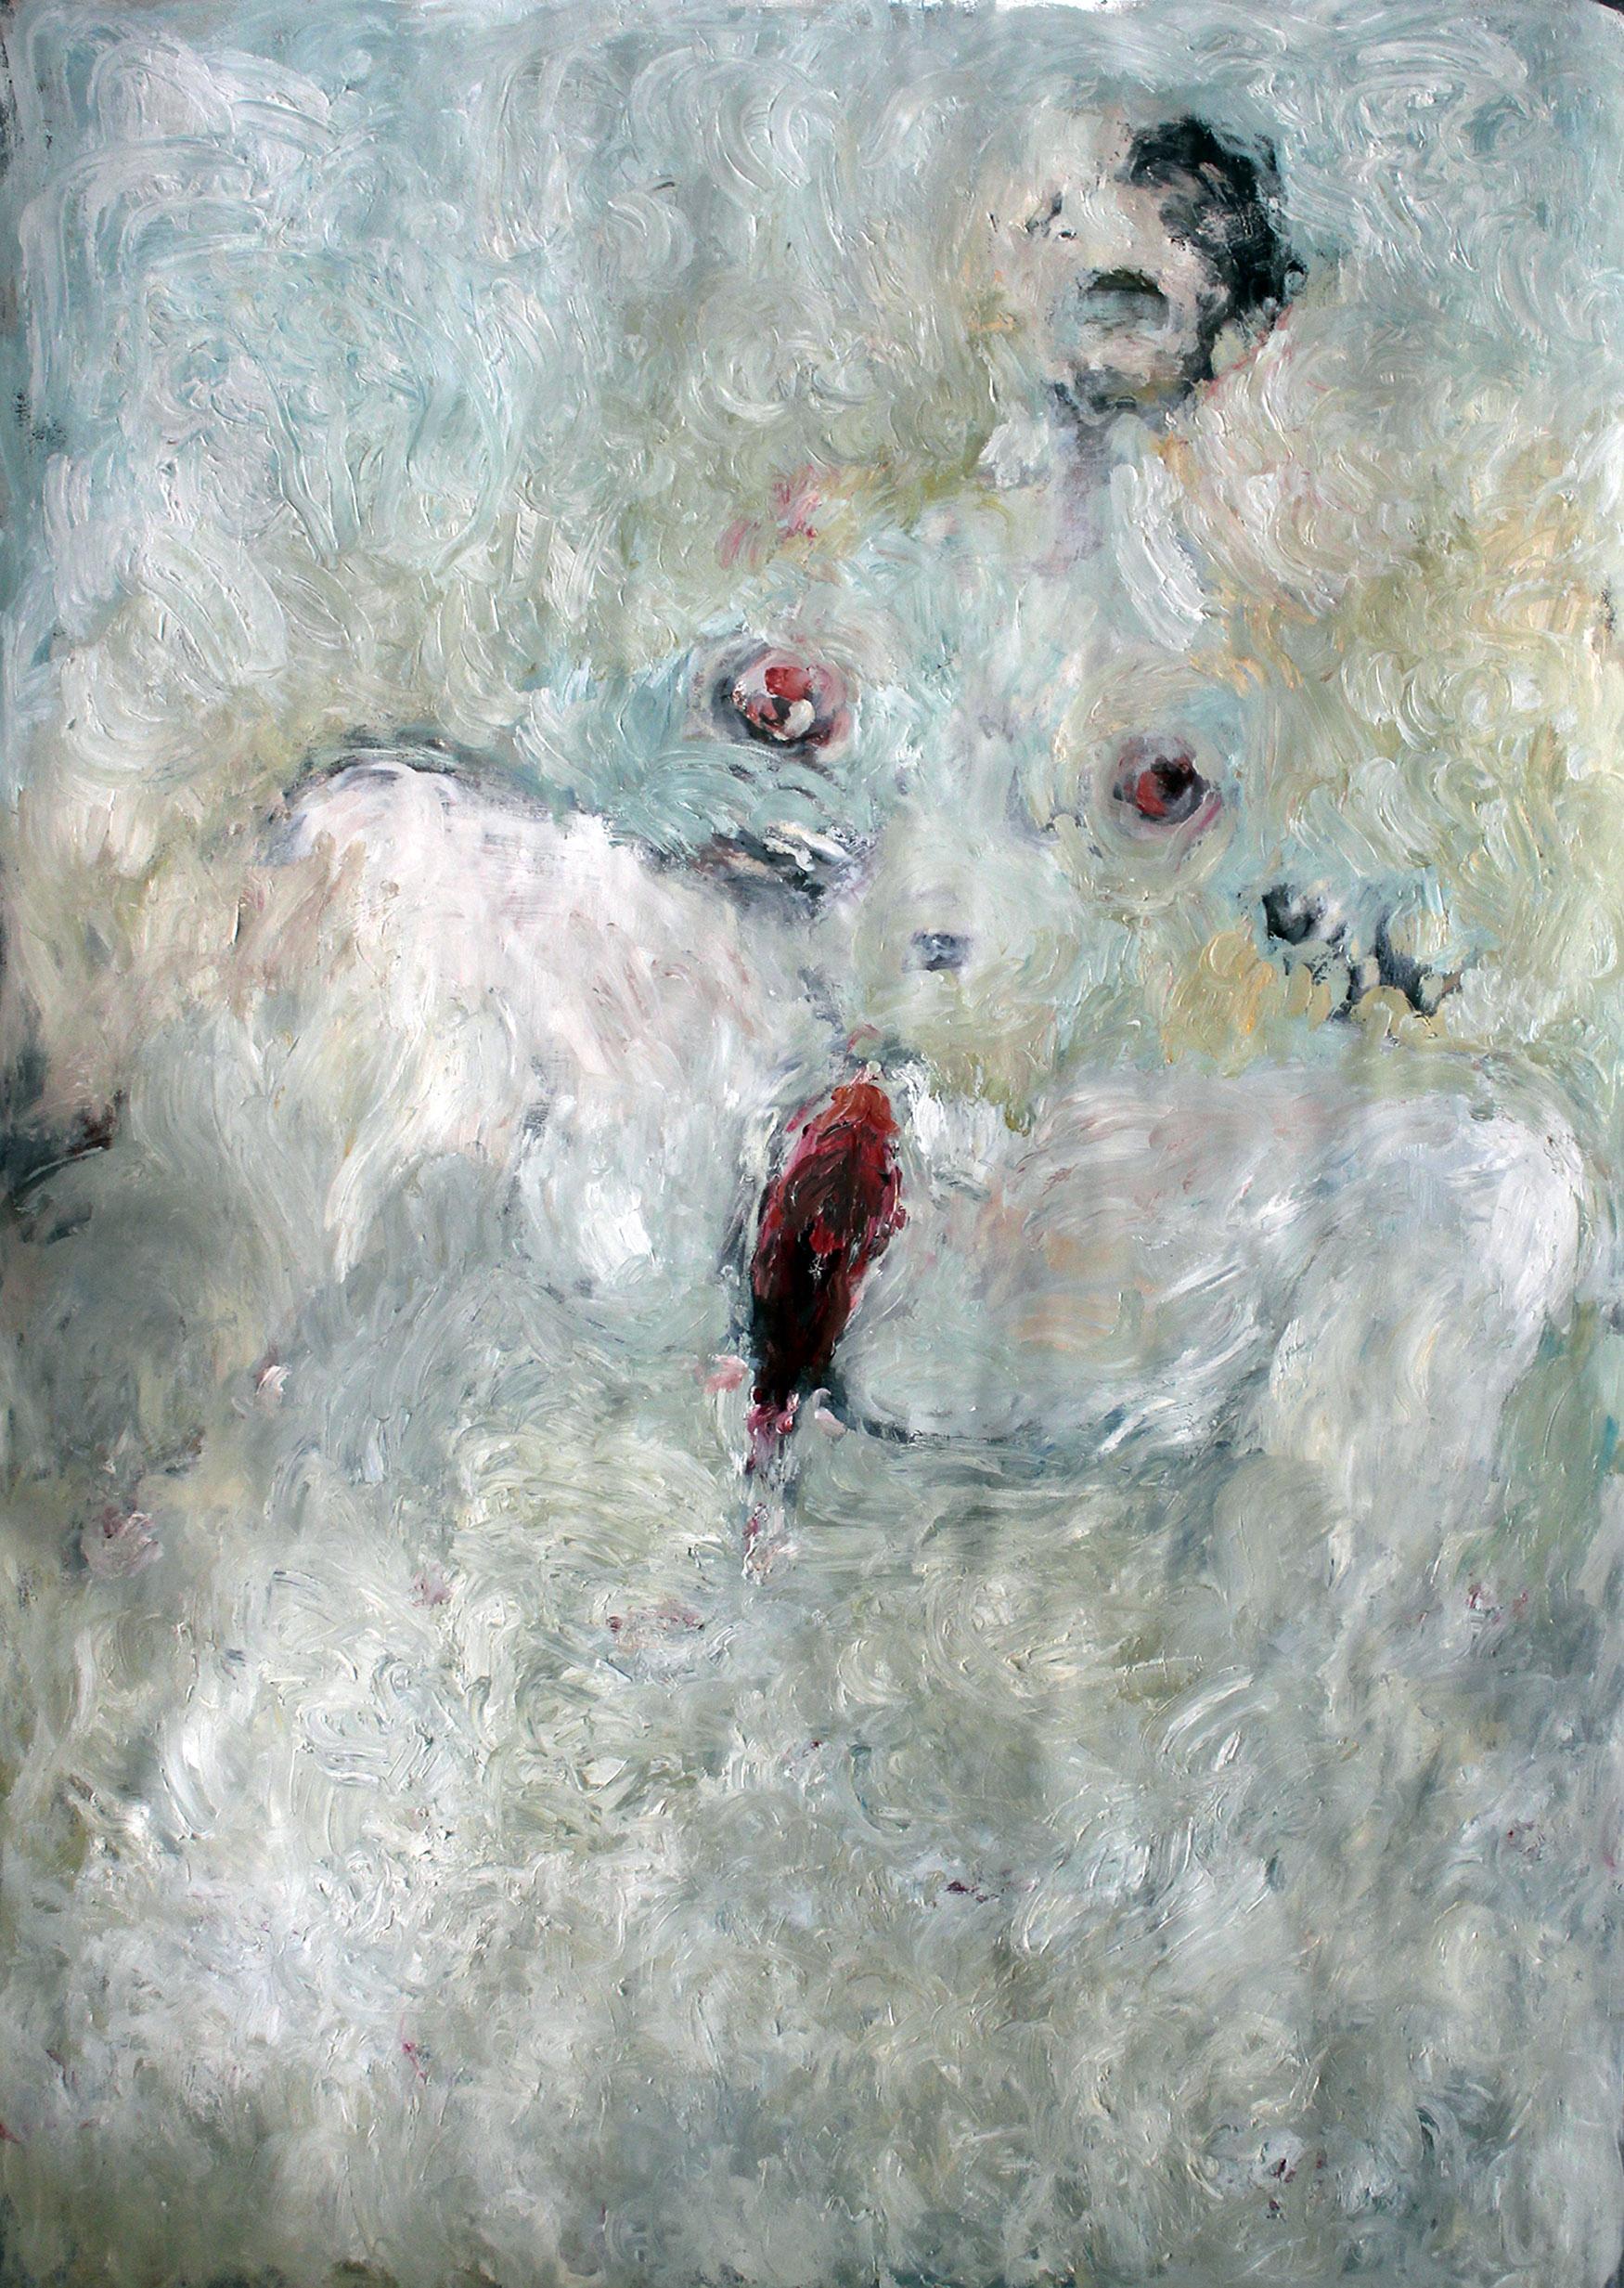 Charlene Shih